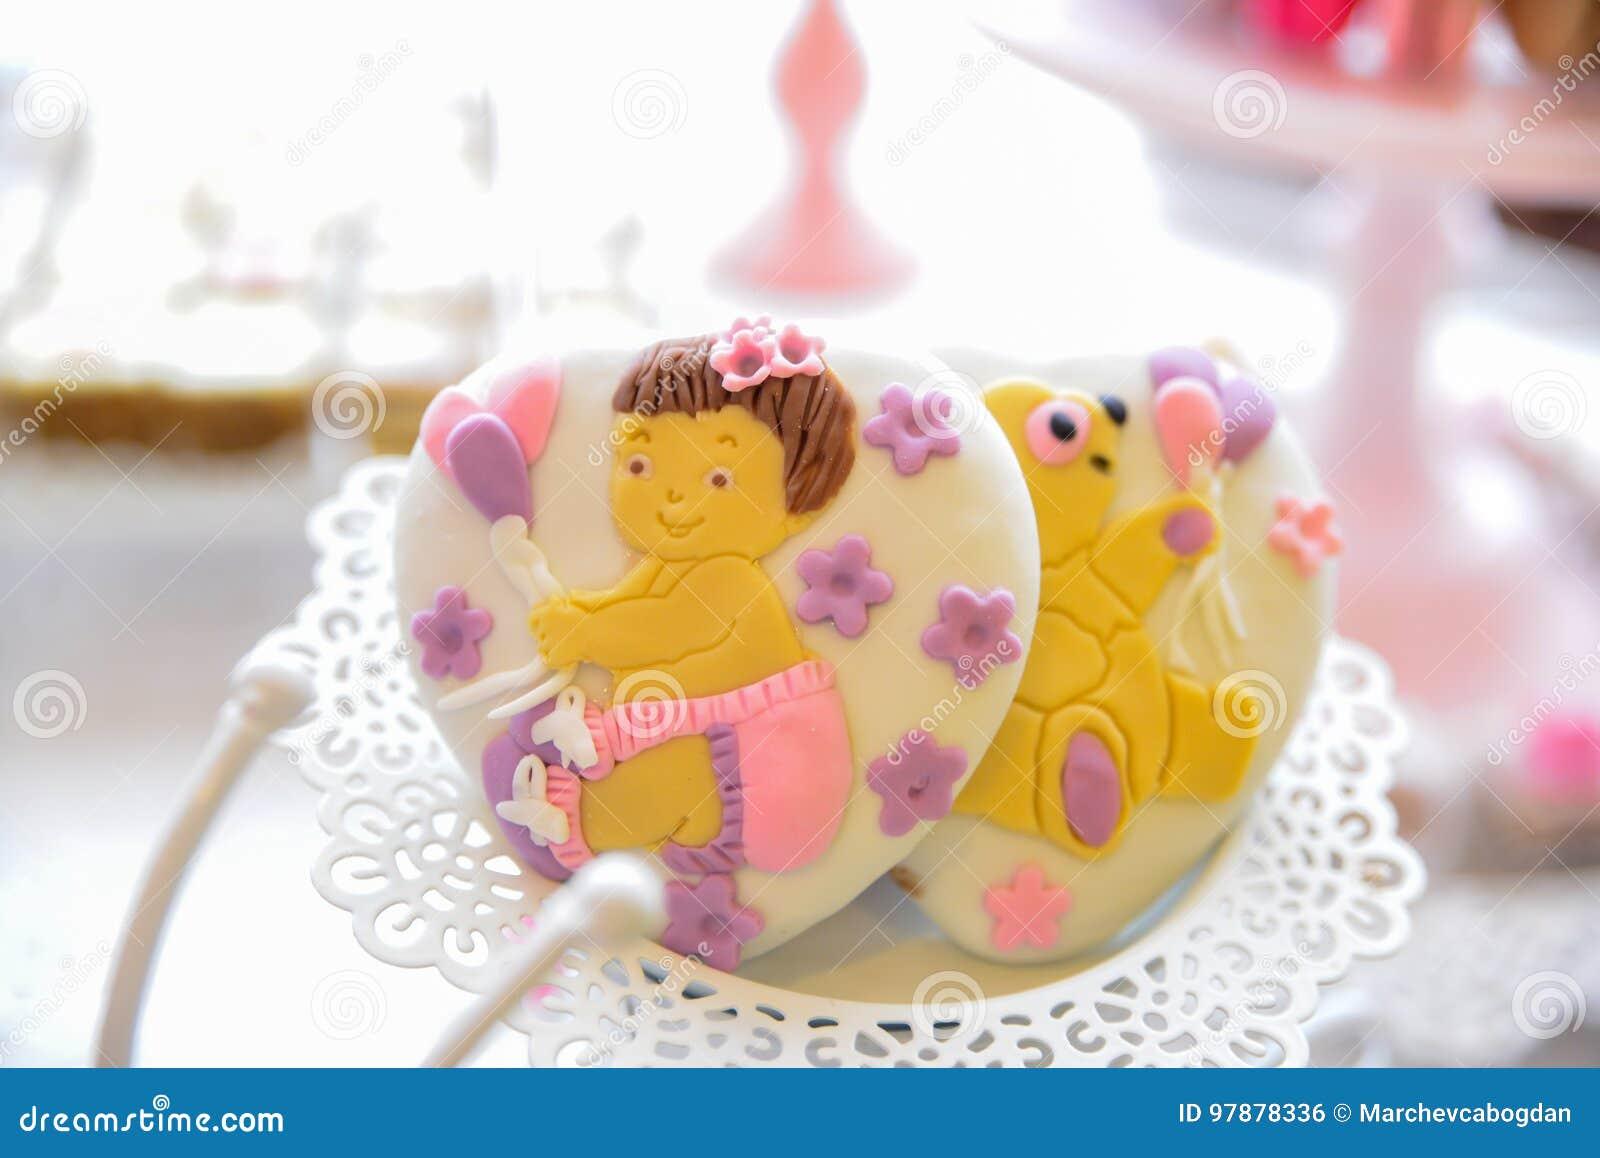 Disposizioni dei dolci per il ricevimento nuziale o i simili eventi